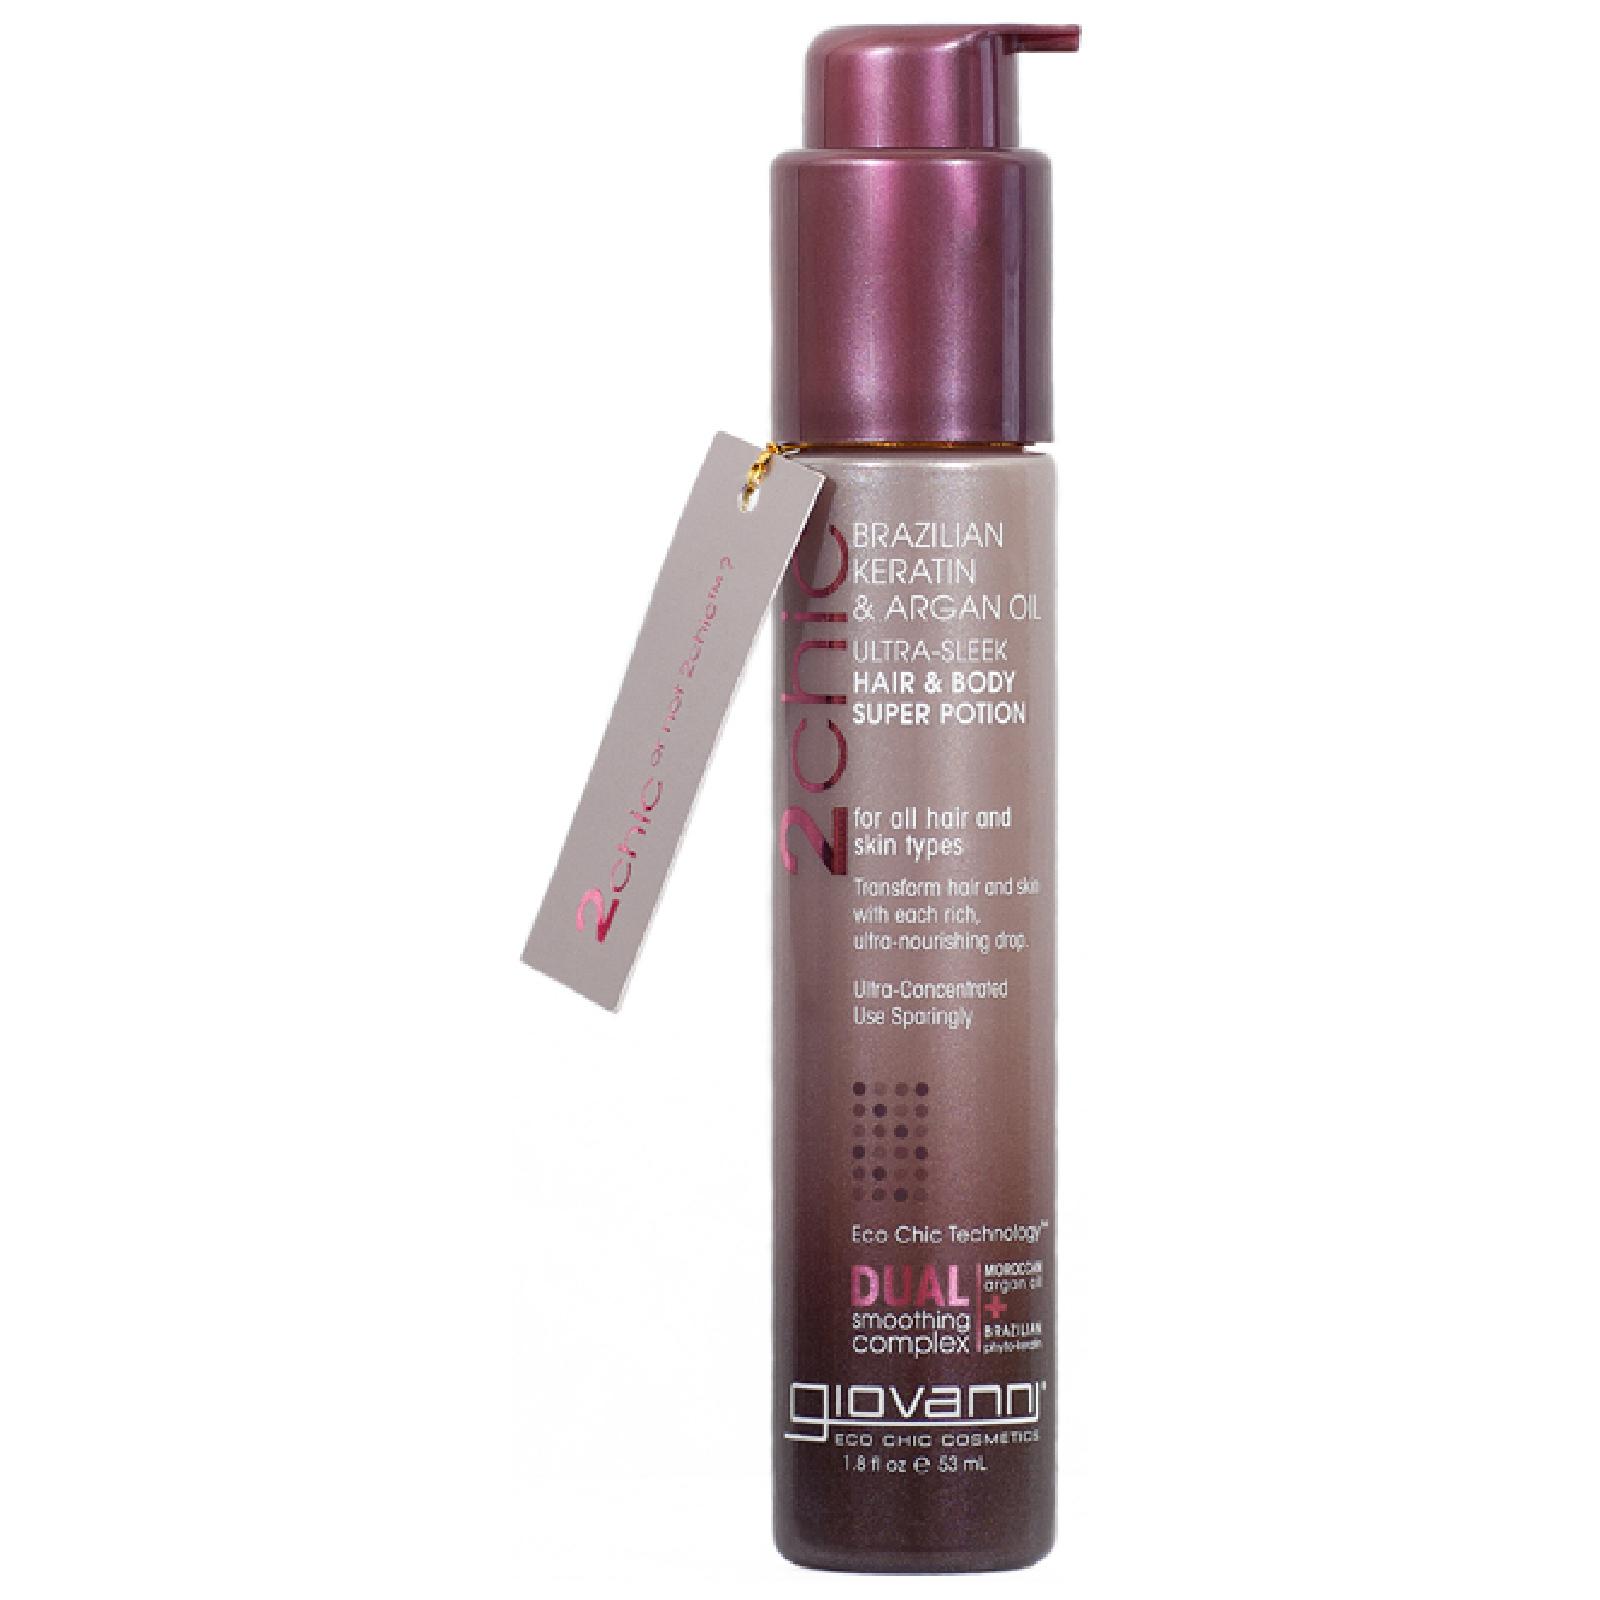 Купить Концентрированный эликсир для тела и волос Giovanni Ultra-Sleek Hair & Body Super Potion 53 мл